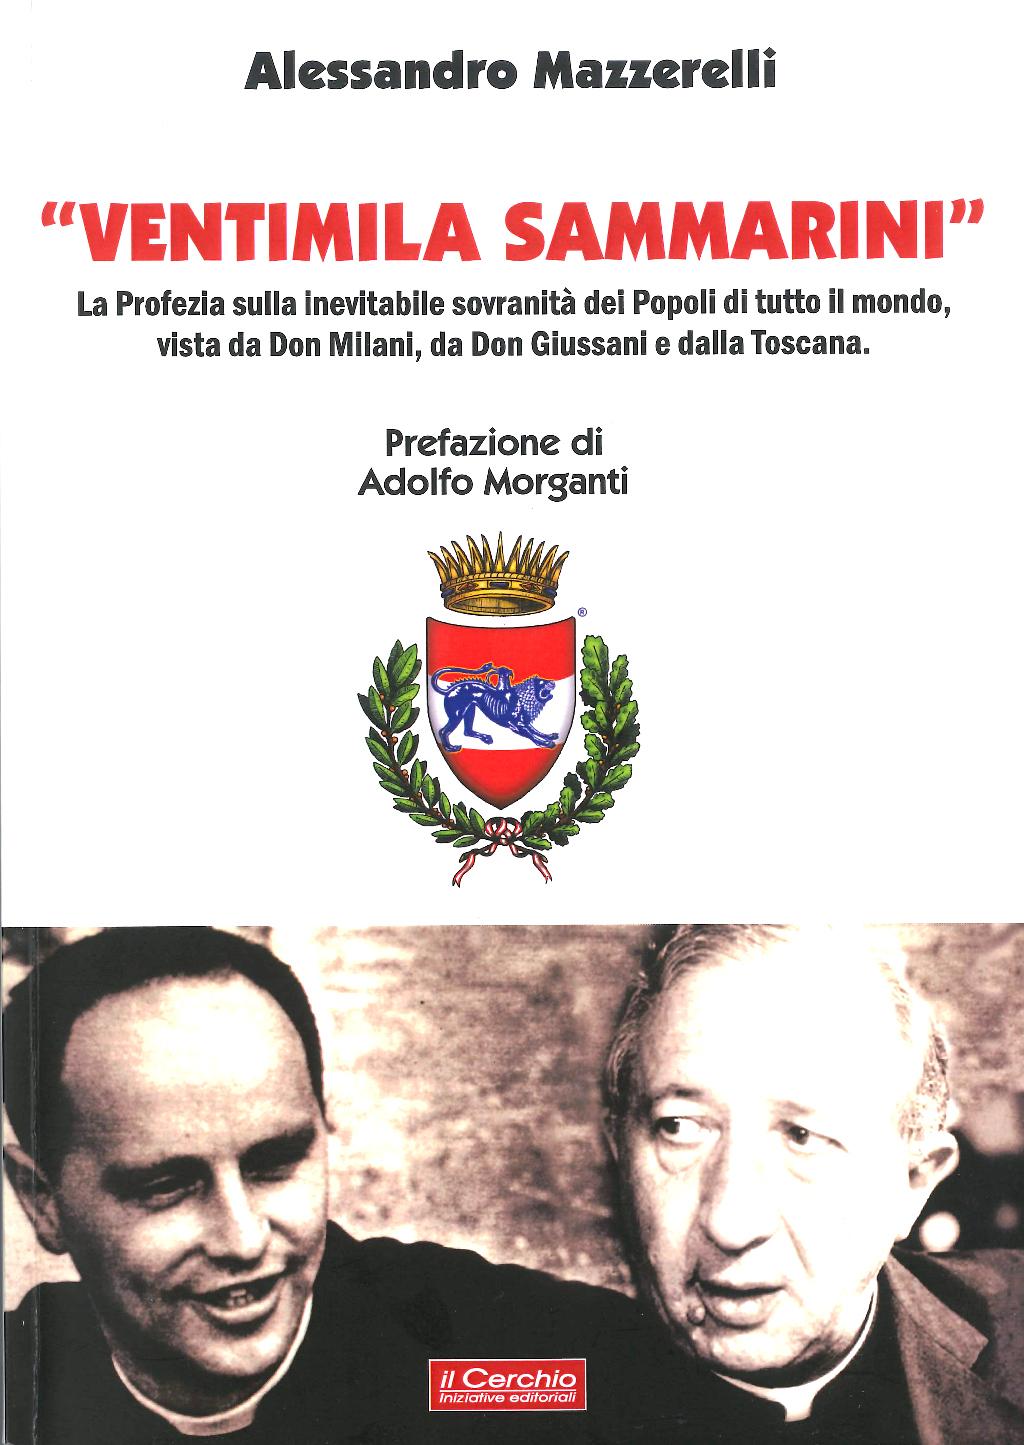 mazzerelli-ventimila-sammarini-milani-giussani